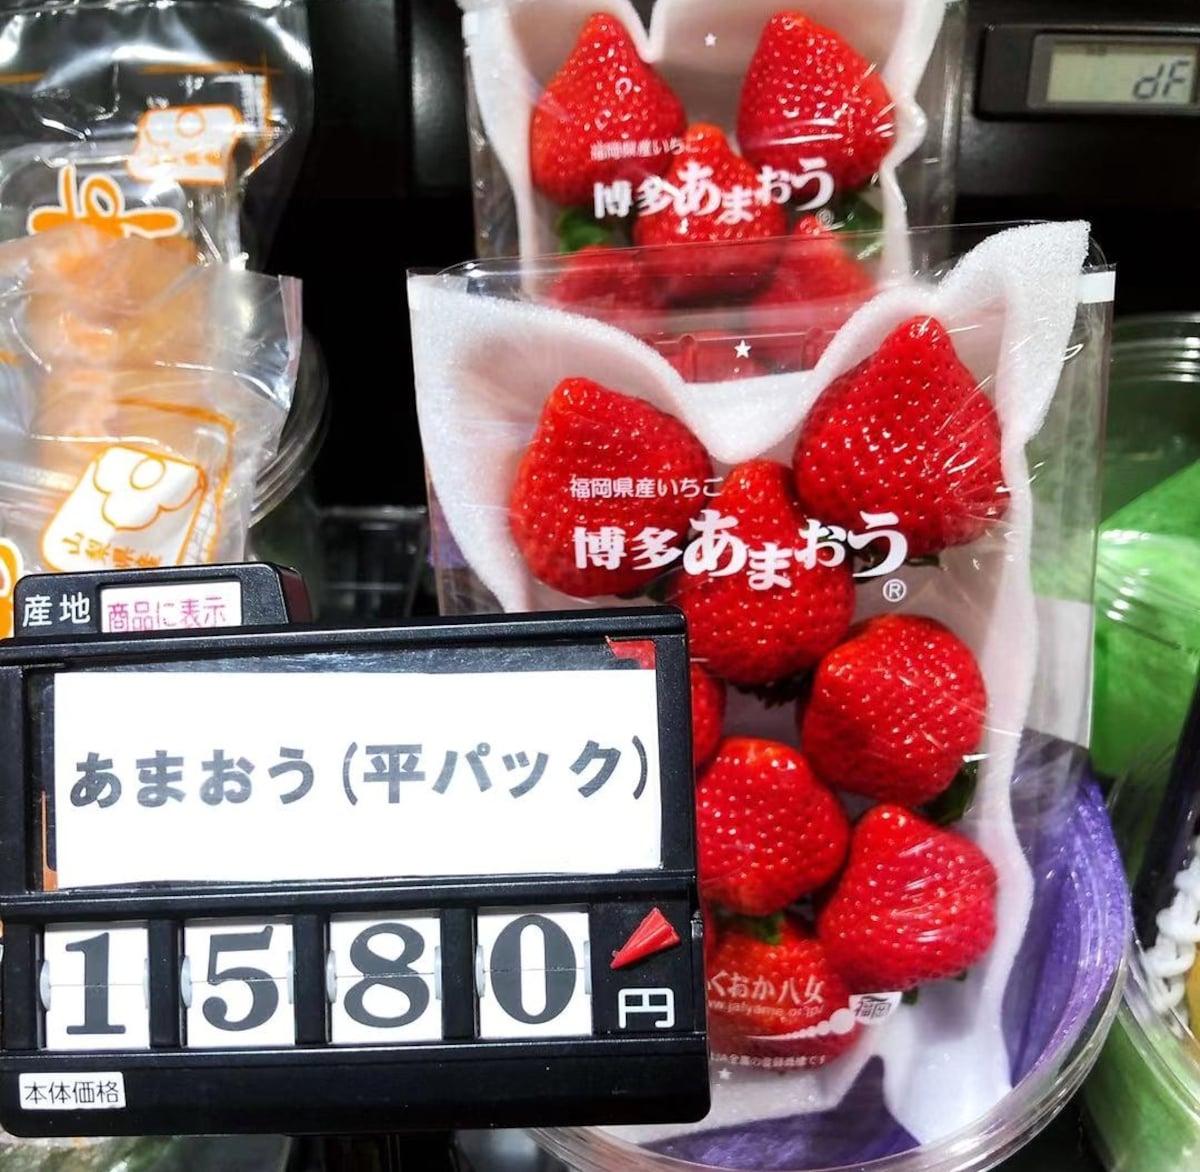 日本的水果真的貴!?